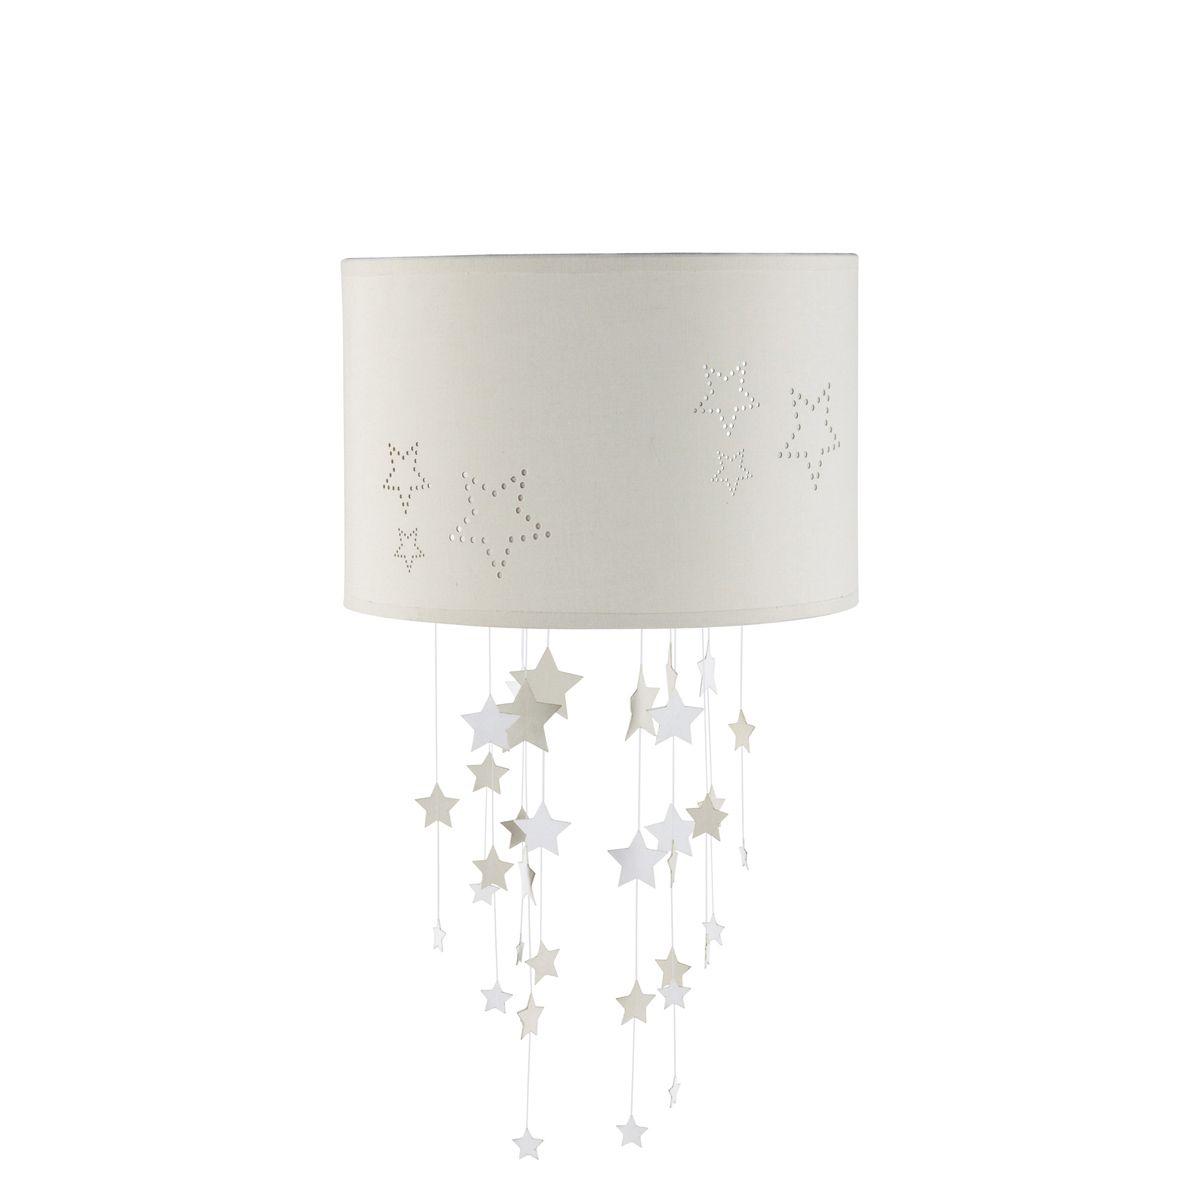 Hangeleuchte Aus Stoff Beige Ohne Elektrischen Anschluss D 30 Cm Etoiles Lampe Babyzimmer Hangeleuchte Lampe Kinderzimmer Madchen